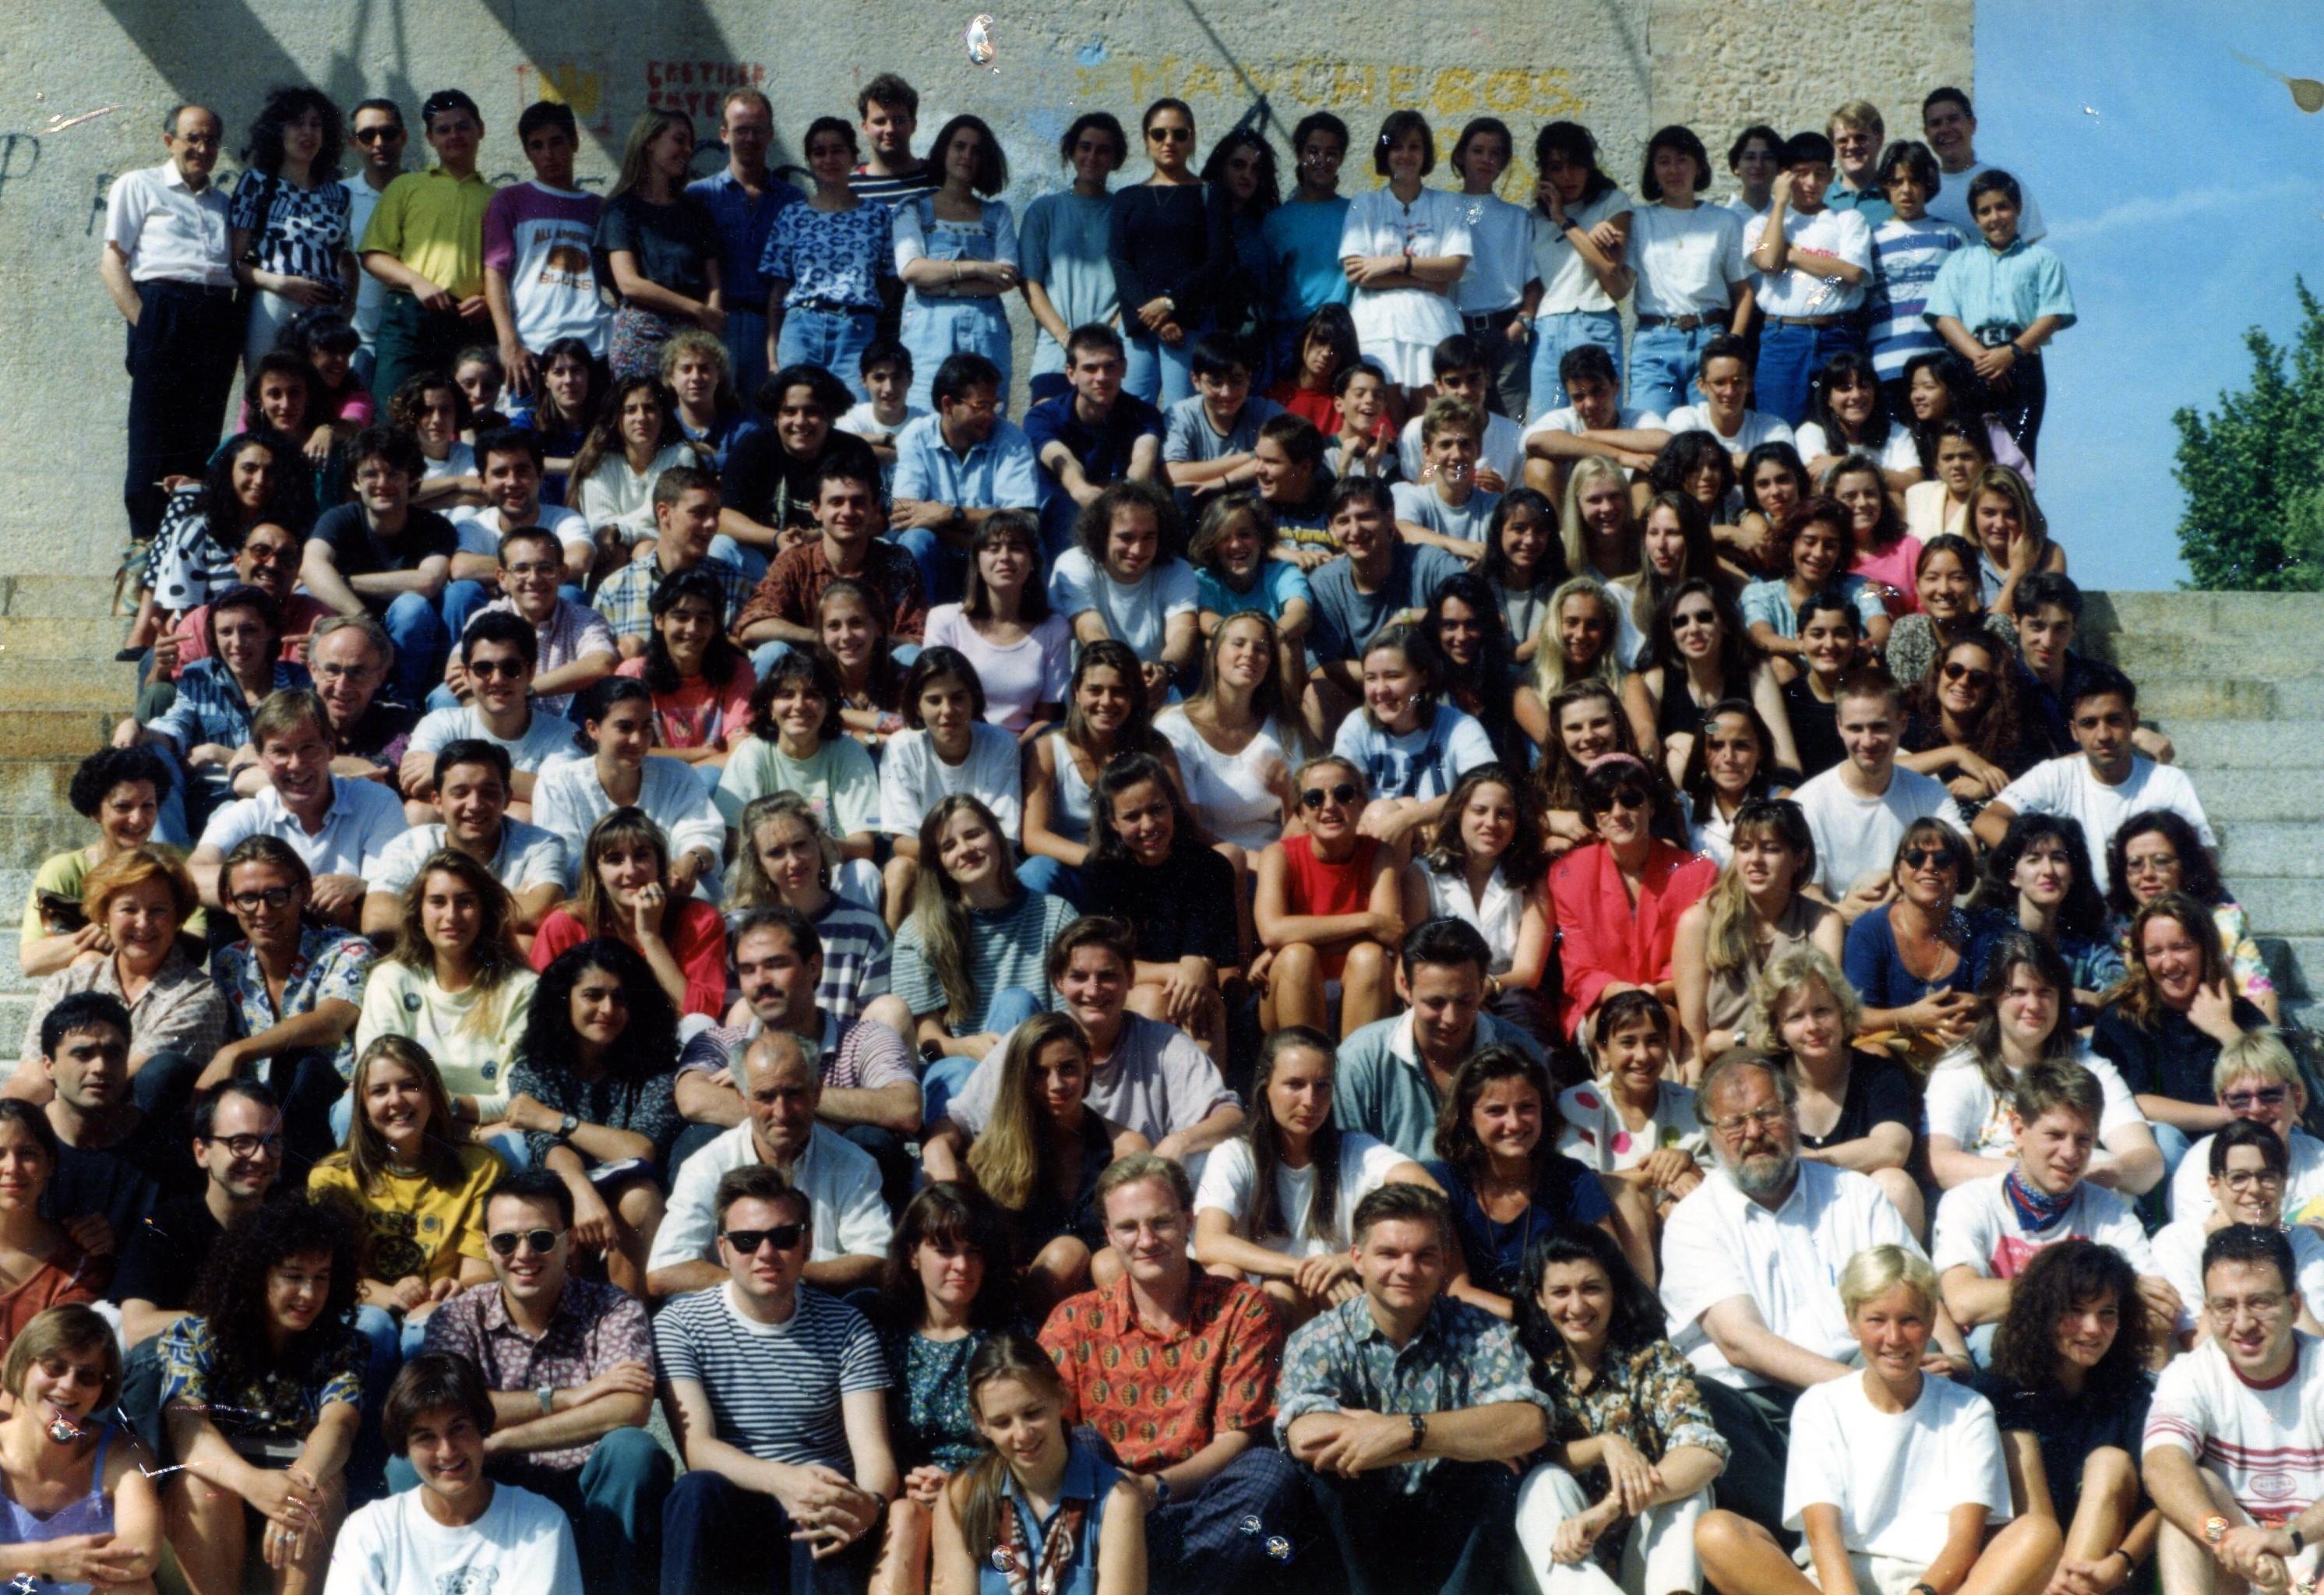 Fotos de grupo 1975 - 2005